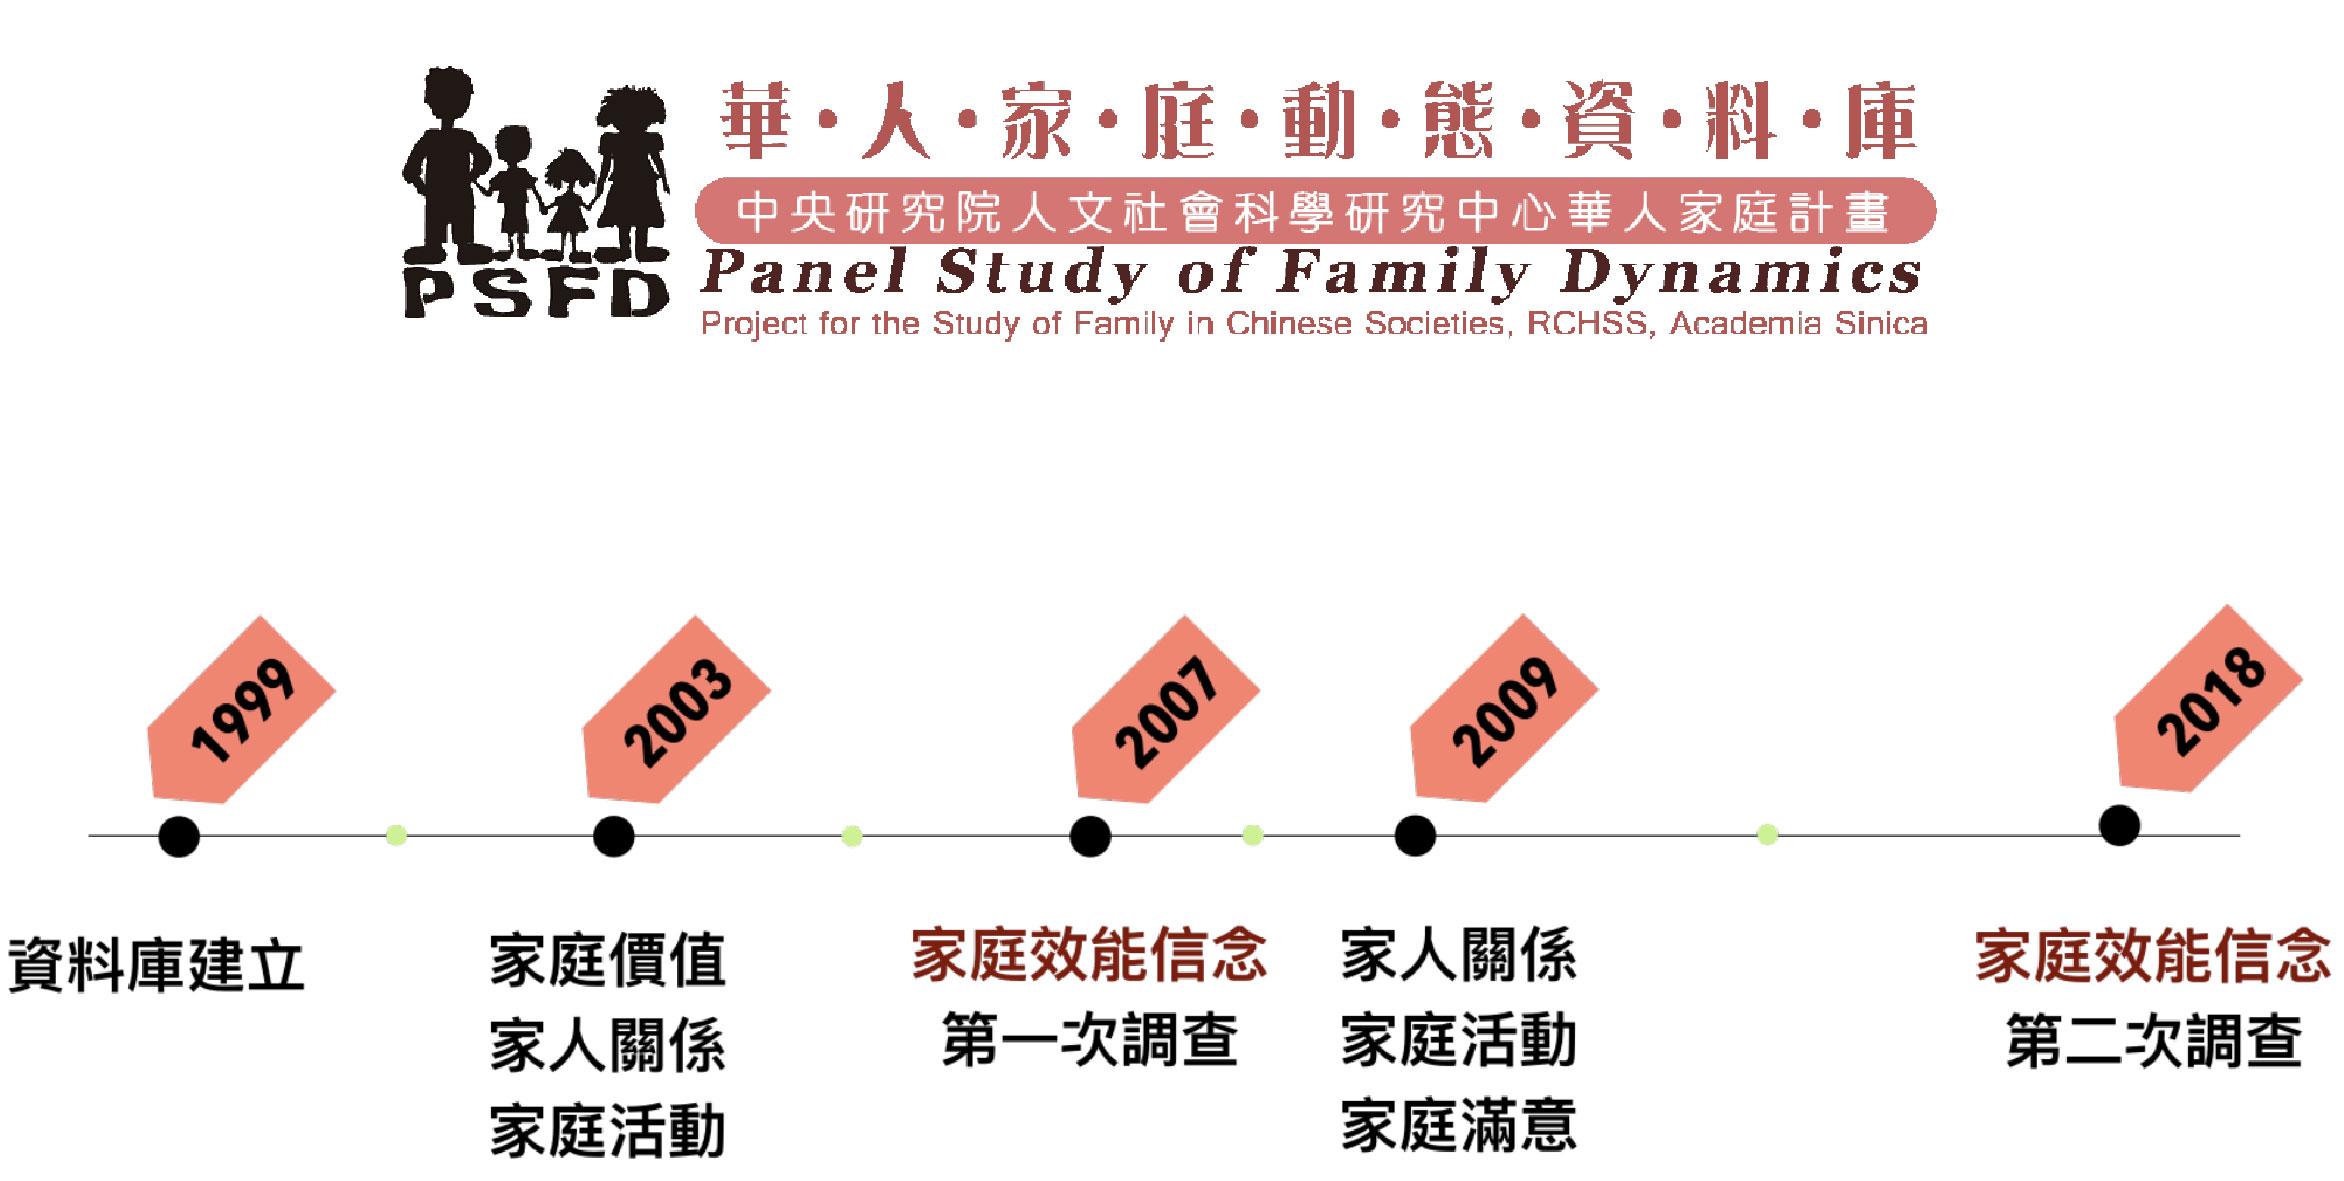 華人家庭動態資料庫(Panel Study of Family Dynamics, PSFD)是臺灣本土最大的家庭追蹤調查數據,以固定的華人家庭為樣本,長期追蹤訪問。2007、2018 年兩次調查中,加入「家庭效能信念」訪題,作為這項研究的主要數據基礎。圖│劉蓉果、朱瑞玲